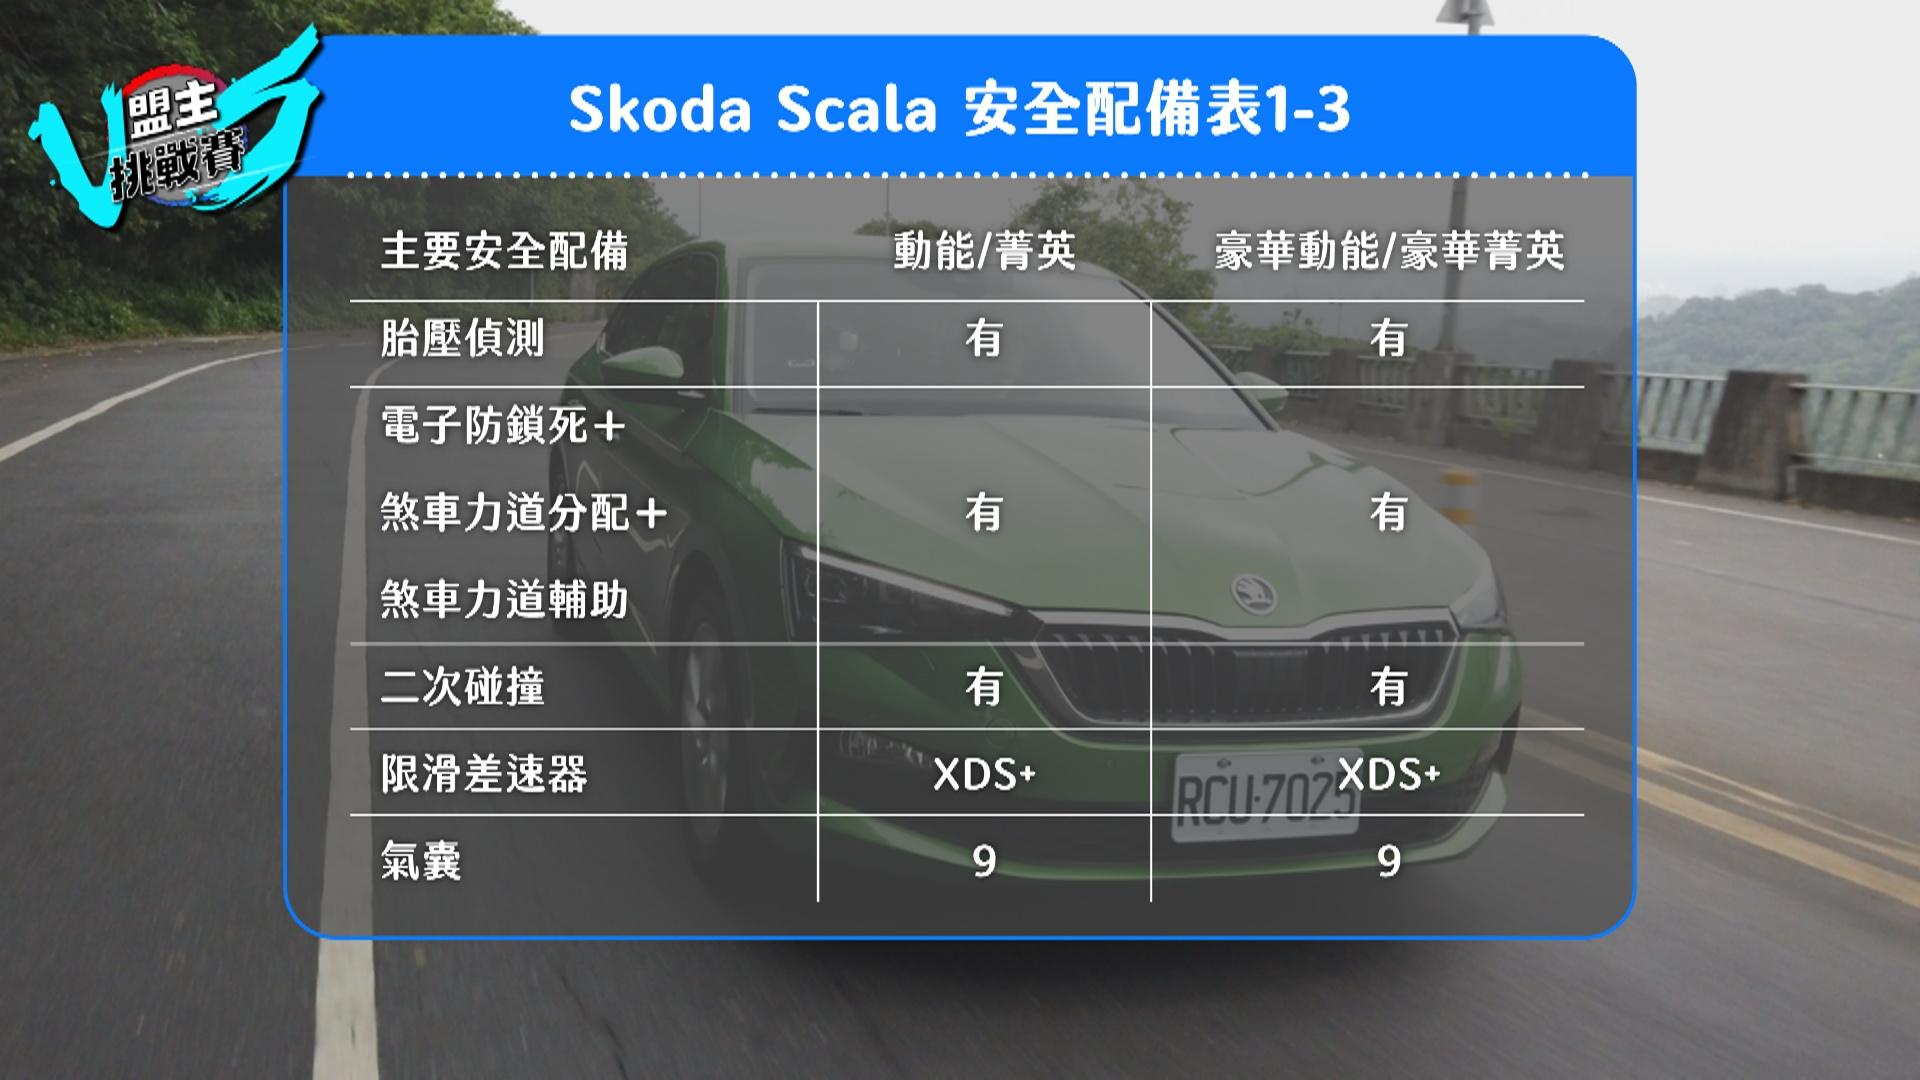 二次碰撞預煞系統、前軸限滑差速器、九具氣囊等,都是 Scala 於安全配備上的特點。